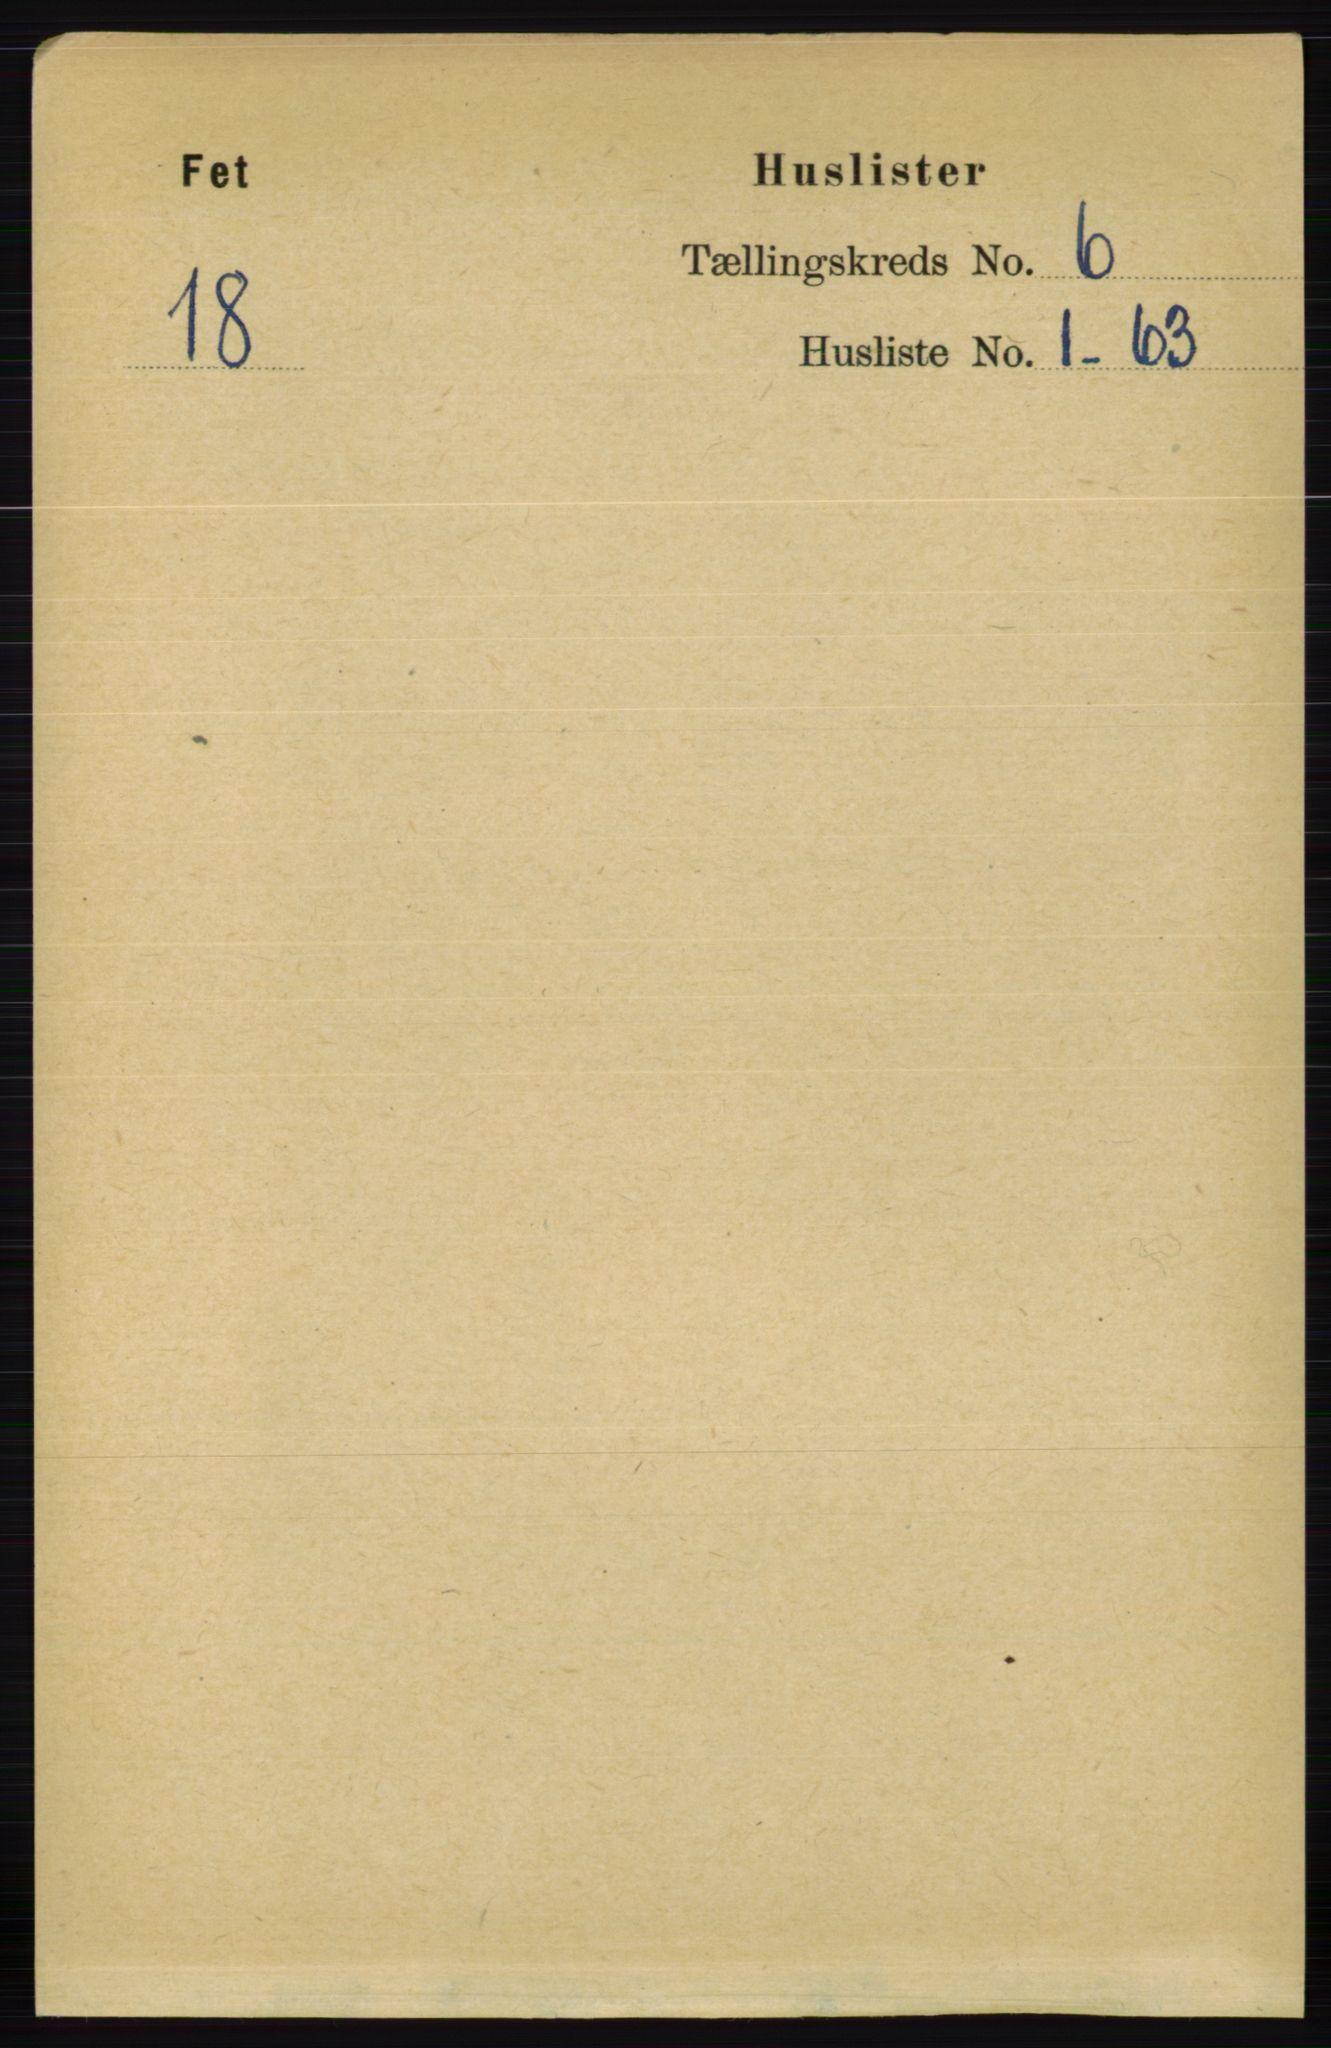 RA, Folketelling 1891 for 0227 Fet herred, 1891, s. 1870